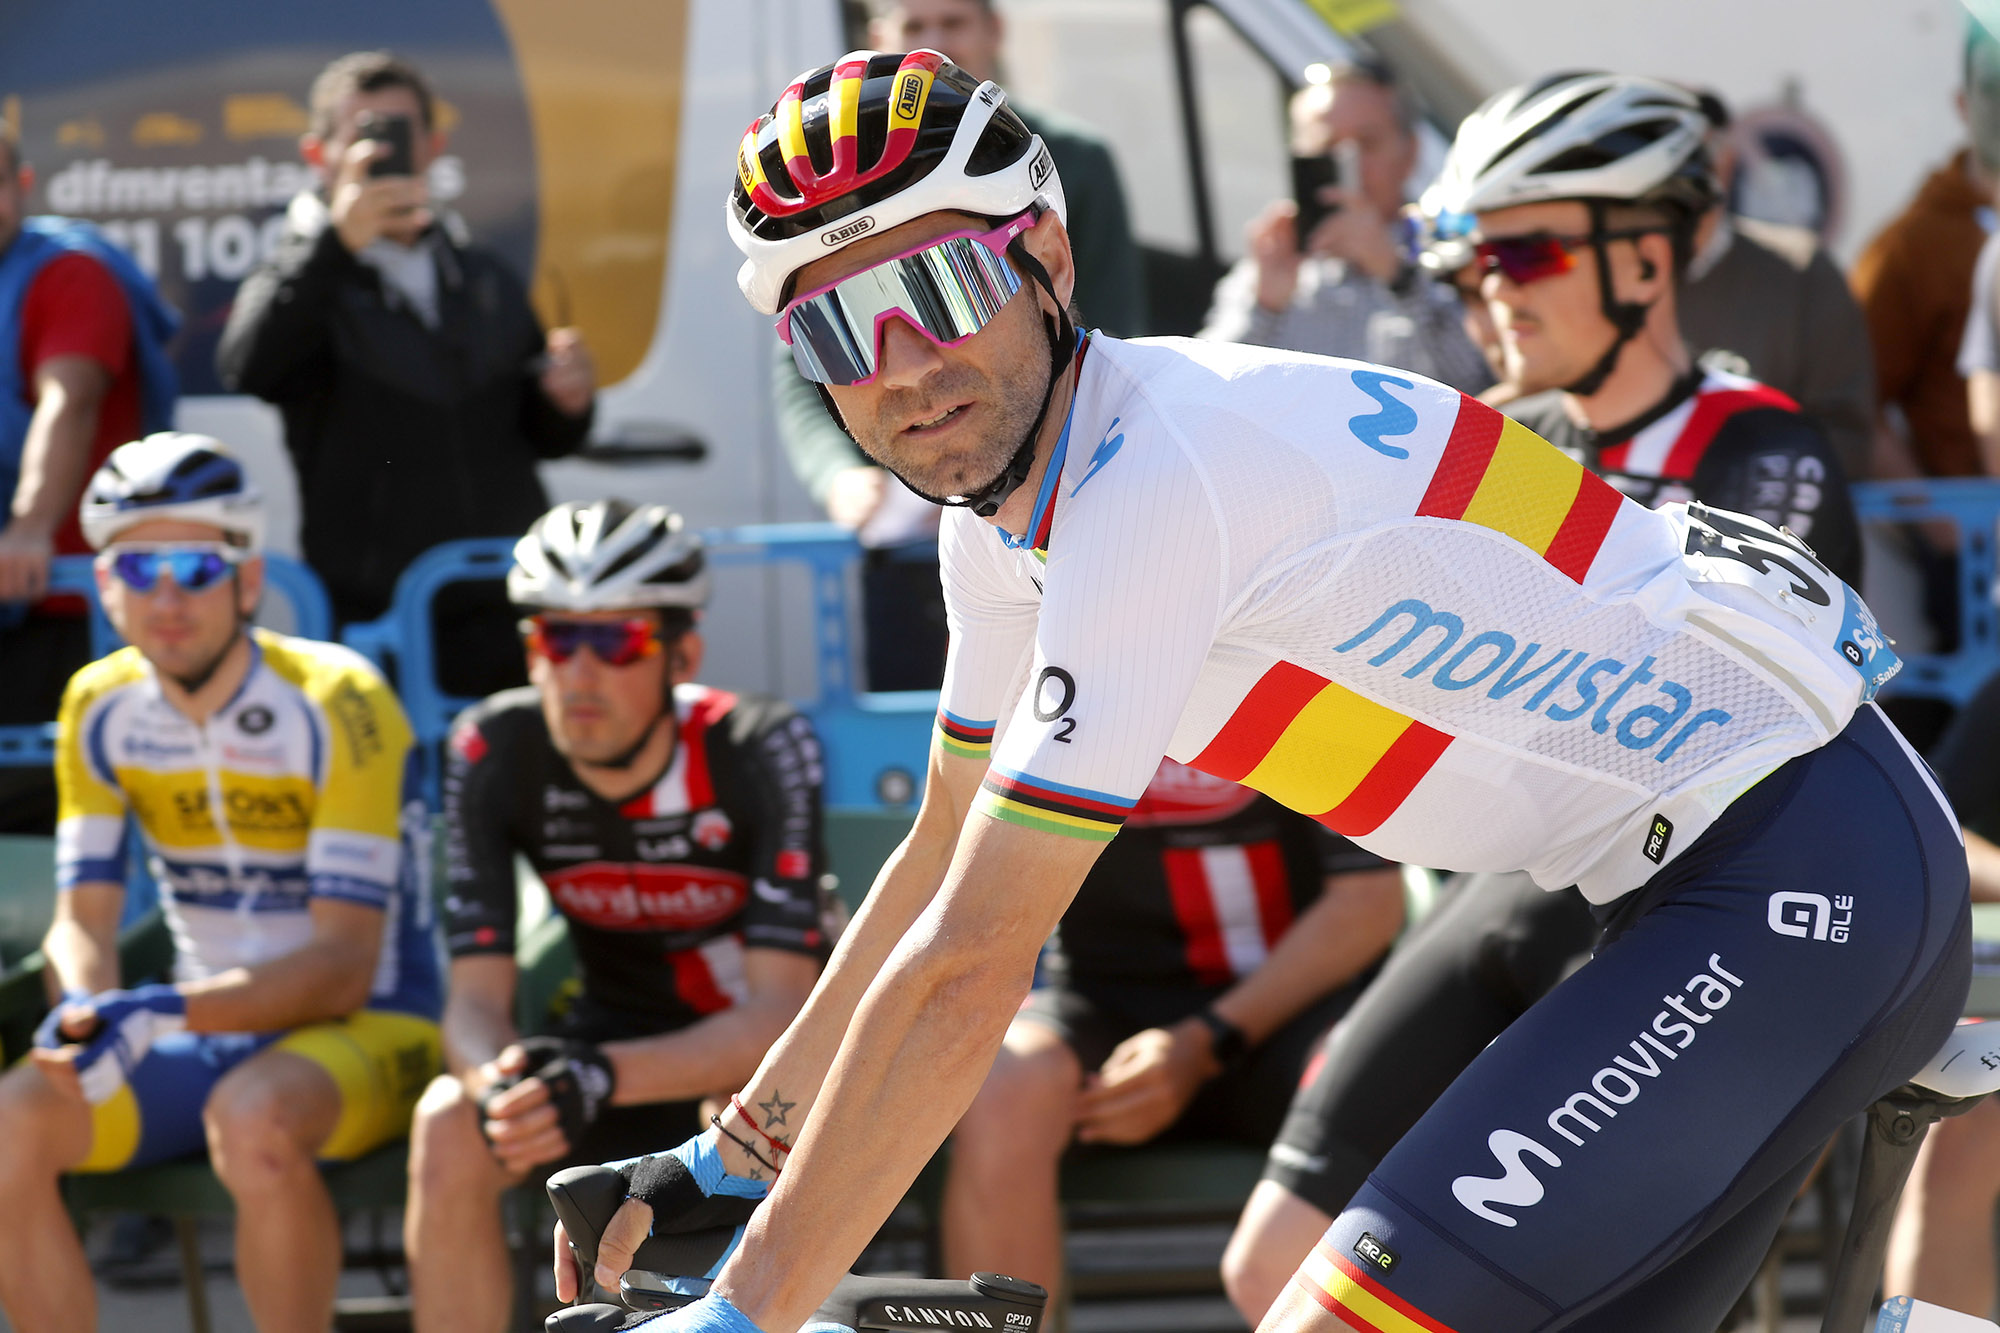 Alejandro Valverde. 2020 Vuelta a Murcia. Stage 1: Los Alc·zares - Caravaca de la Cruz. 14.02.2020.